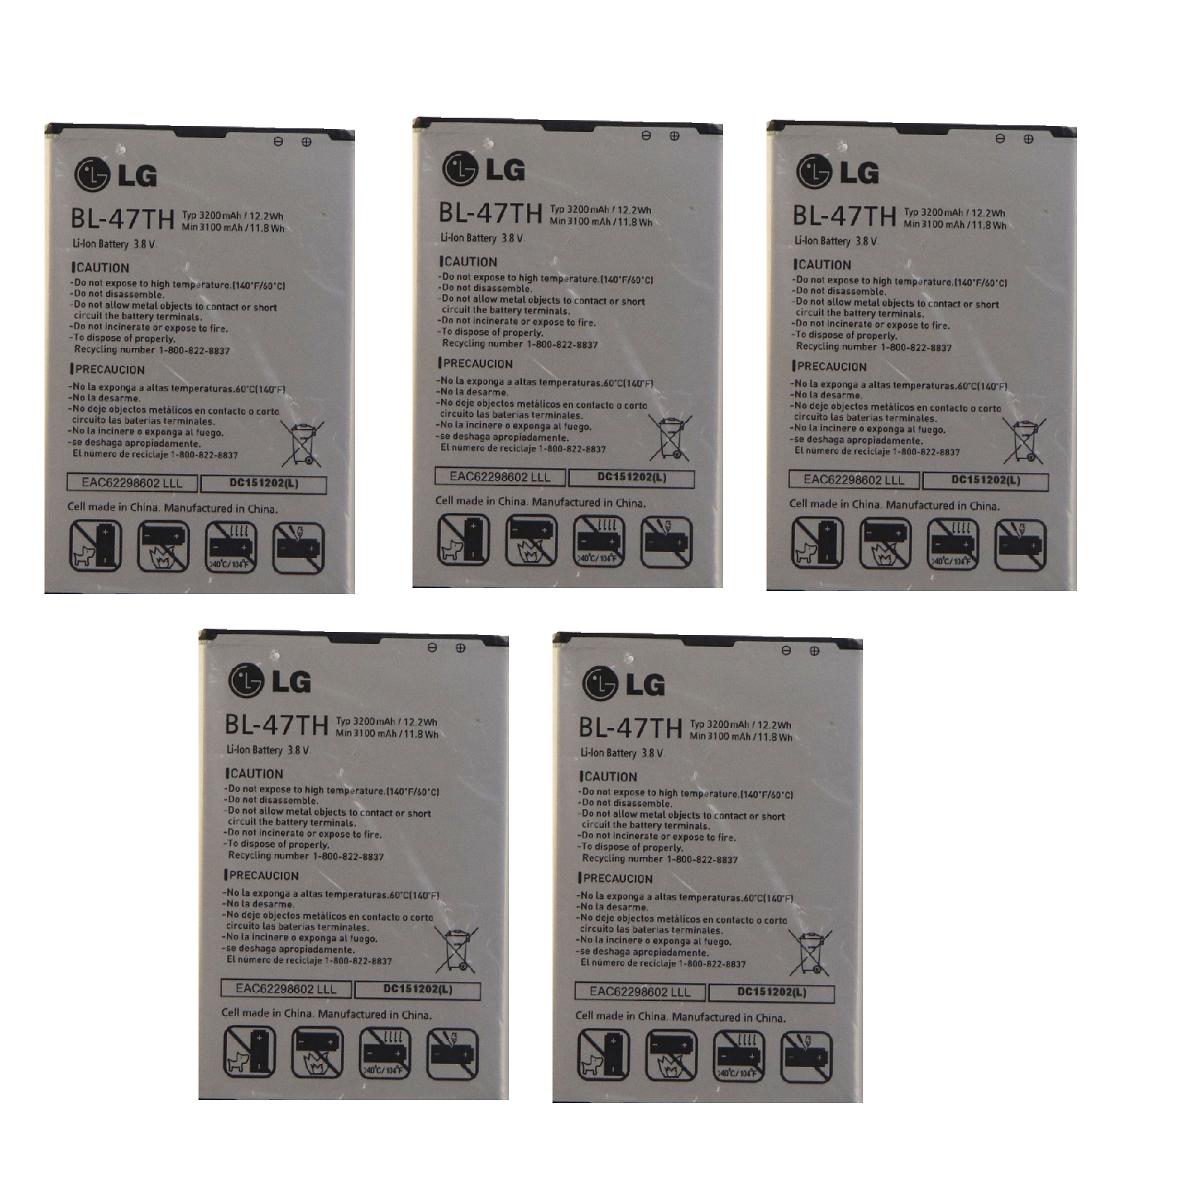 KIT 5x LG BL-47TH Li-ion Battery 3200mAh for Optimus G Pro